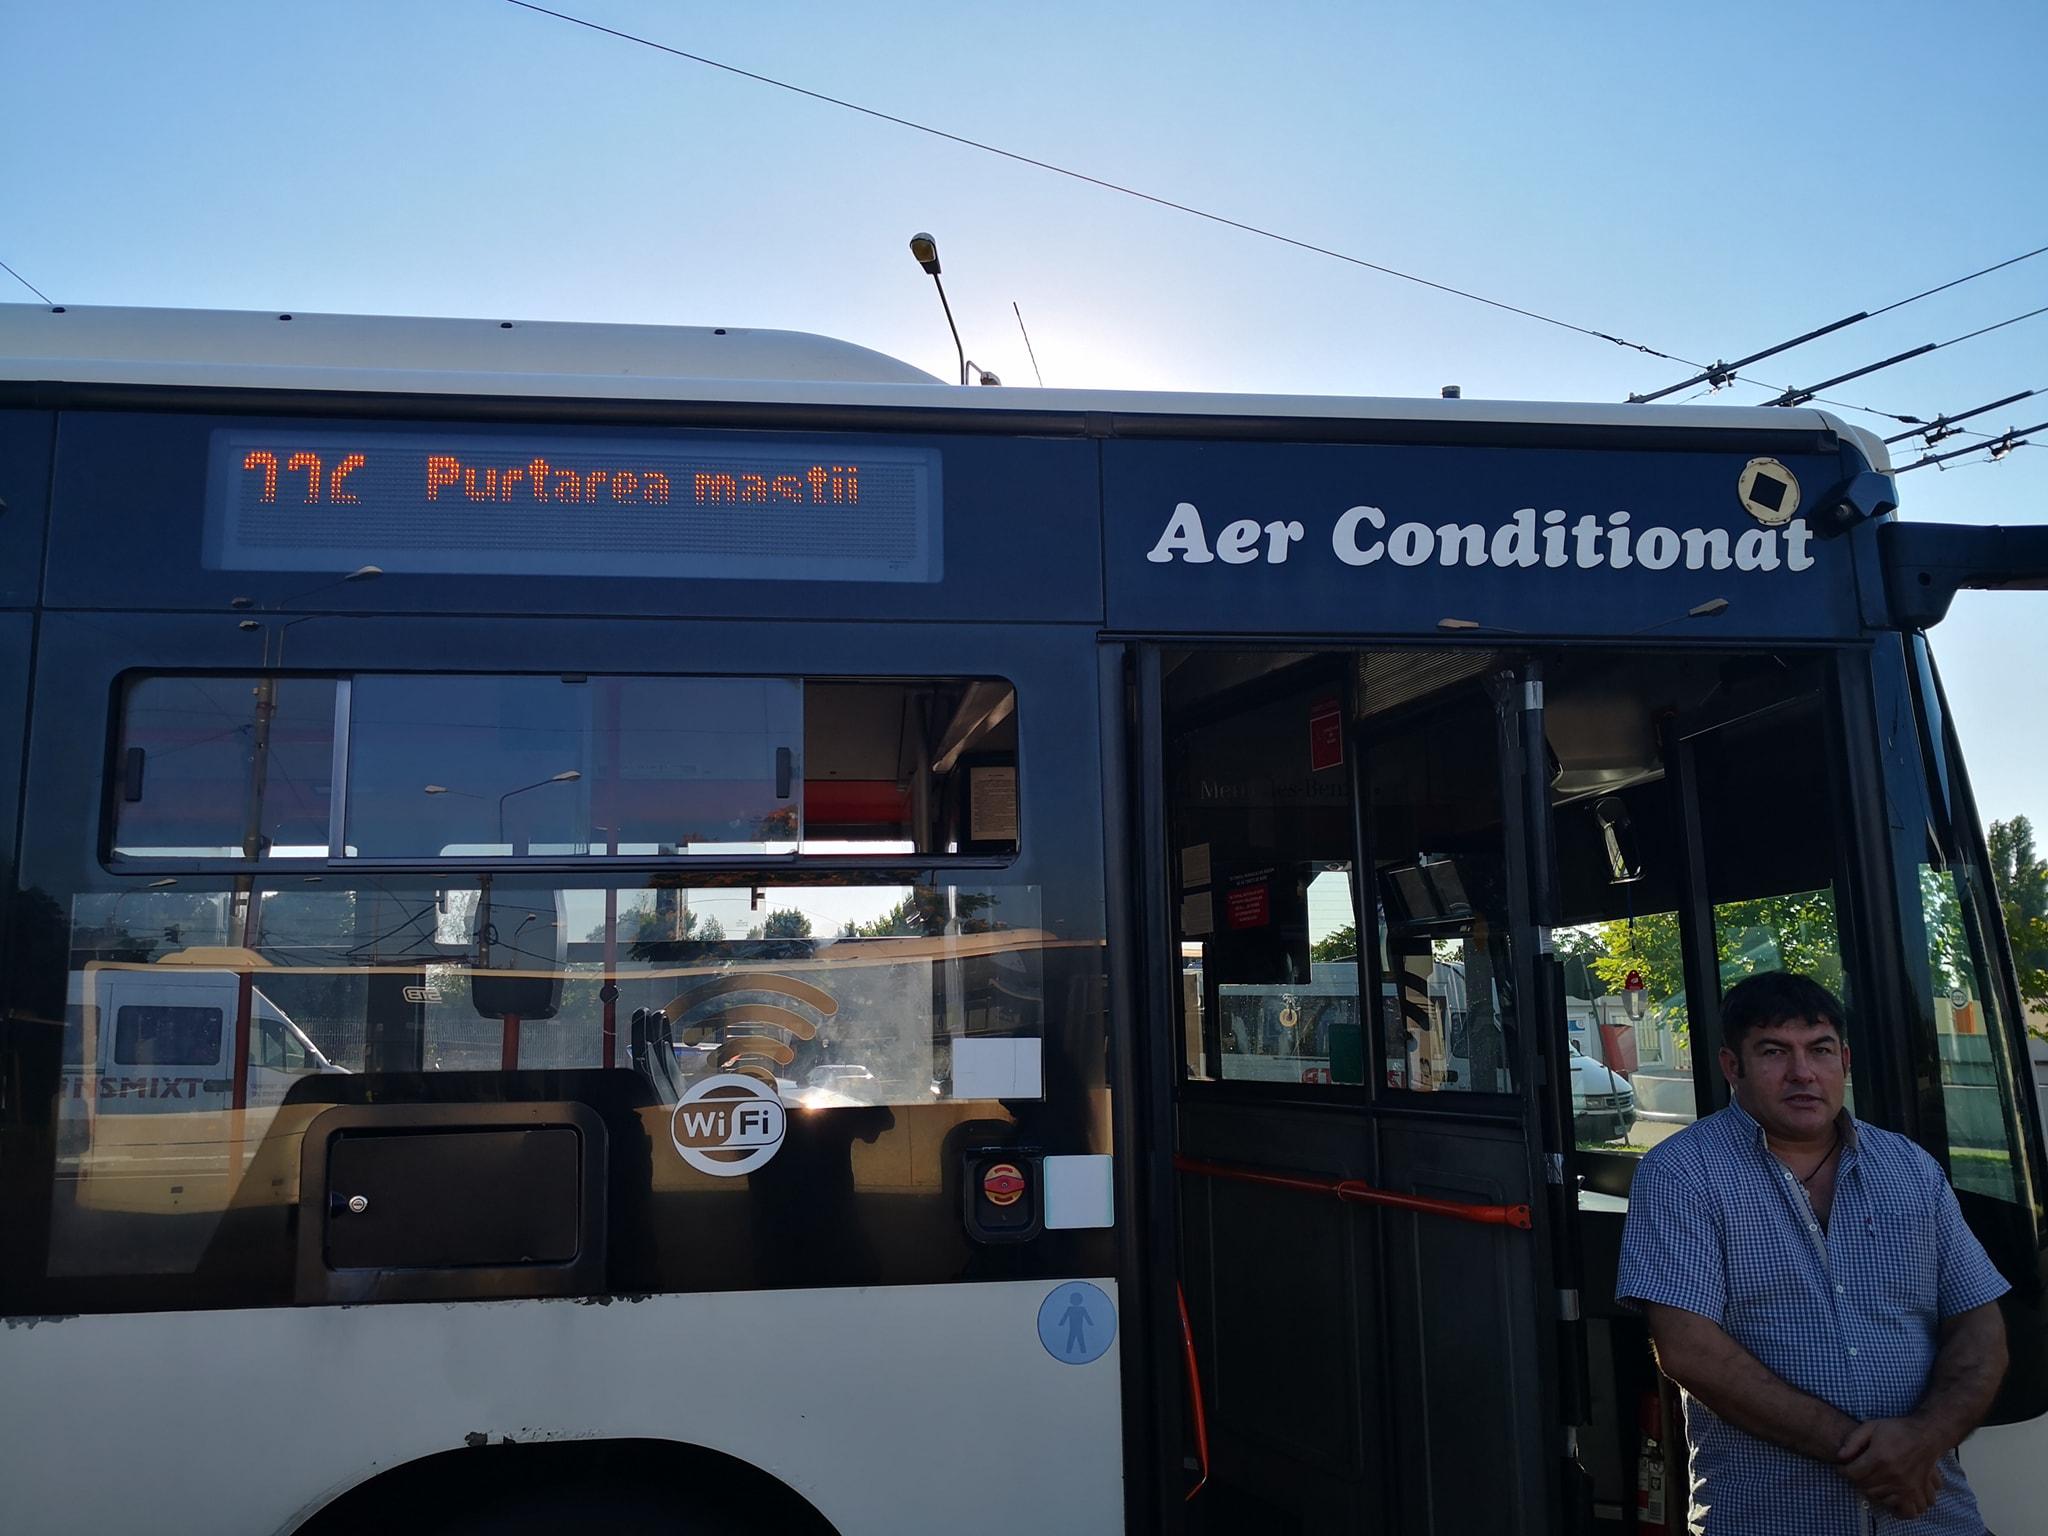 Bilete mai scumpe, cu saună și bătaie la pachet în STB. Un șofer de autobuz, acuzat că a lovit un pasager care a cerut aer condiționat pe caniculă   FOTO & VIDEO